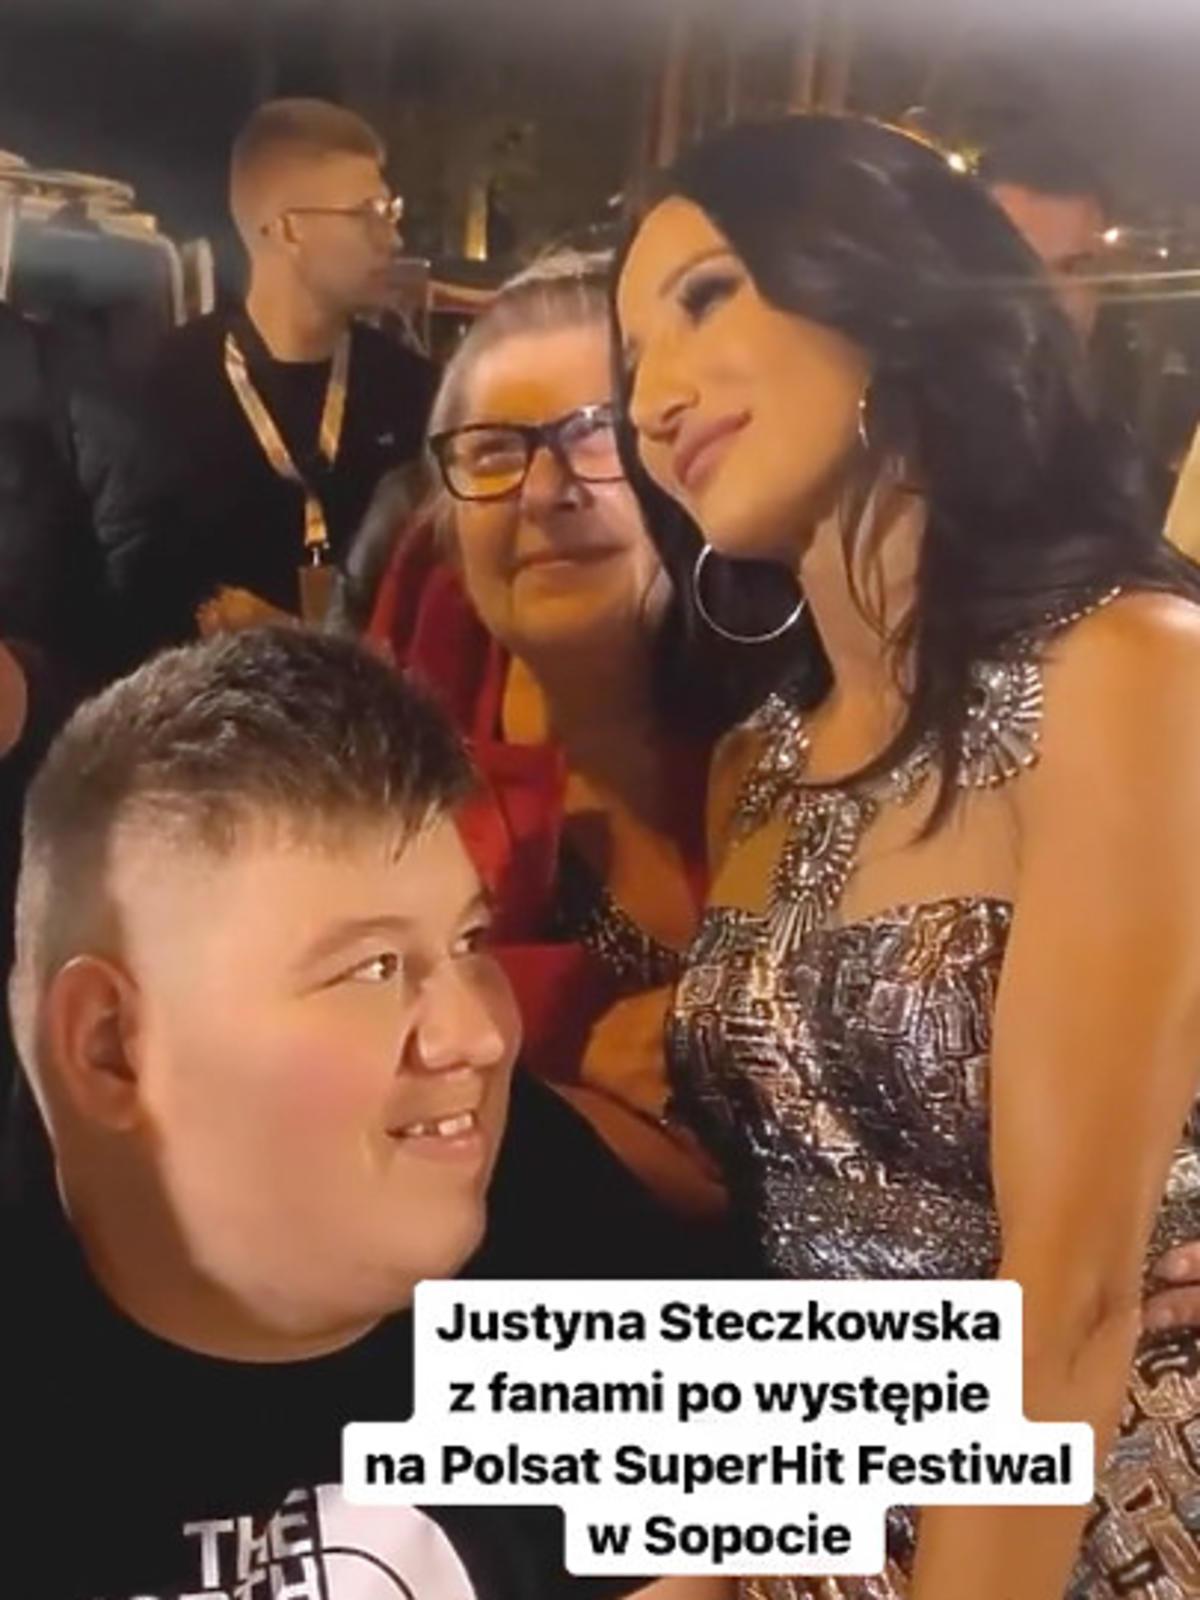 Justyna Steczkowska z fanami